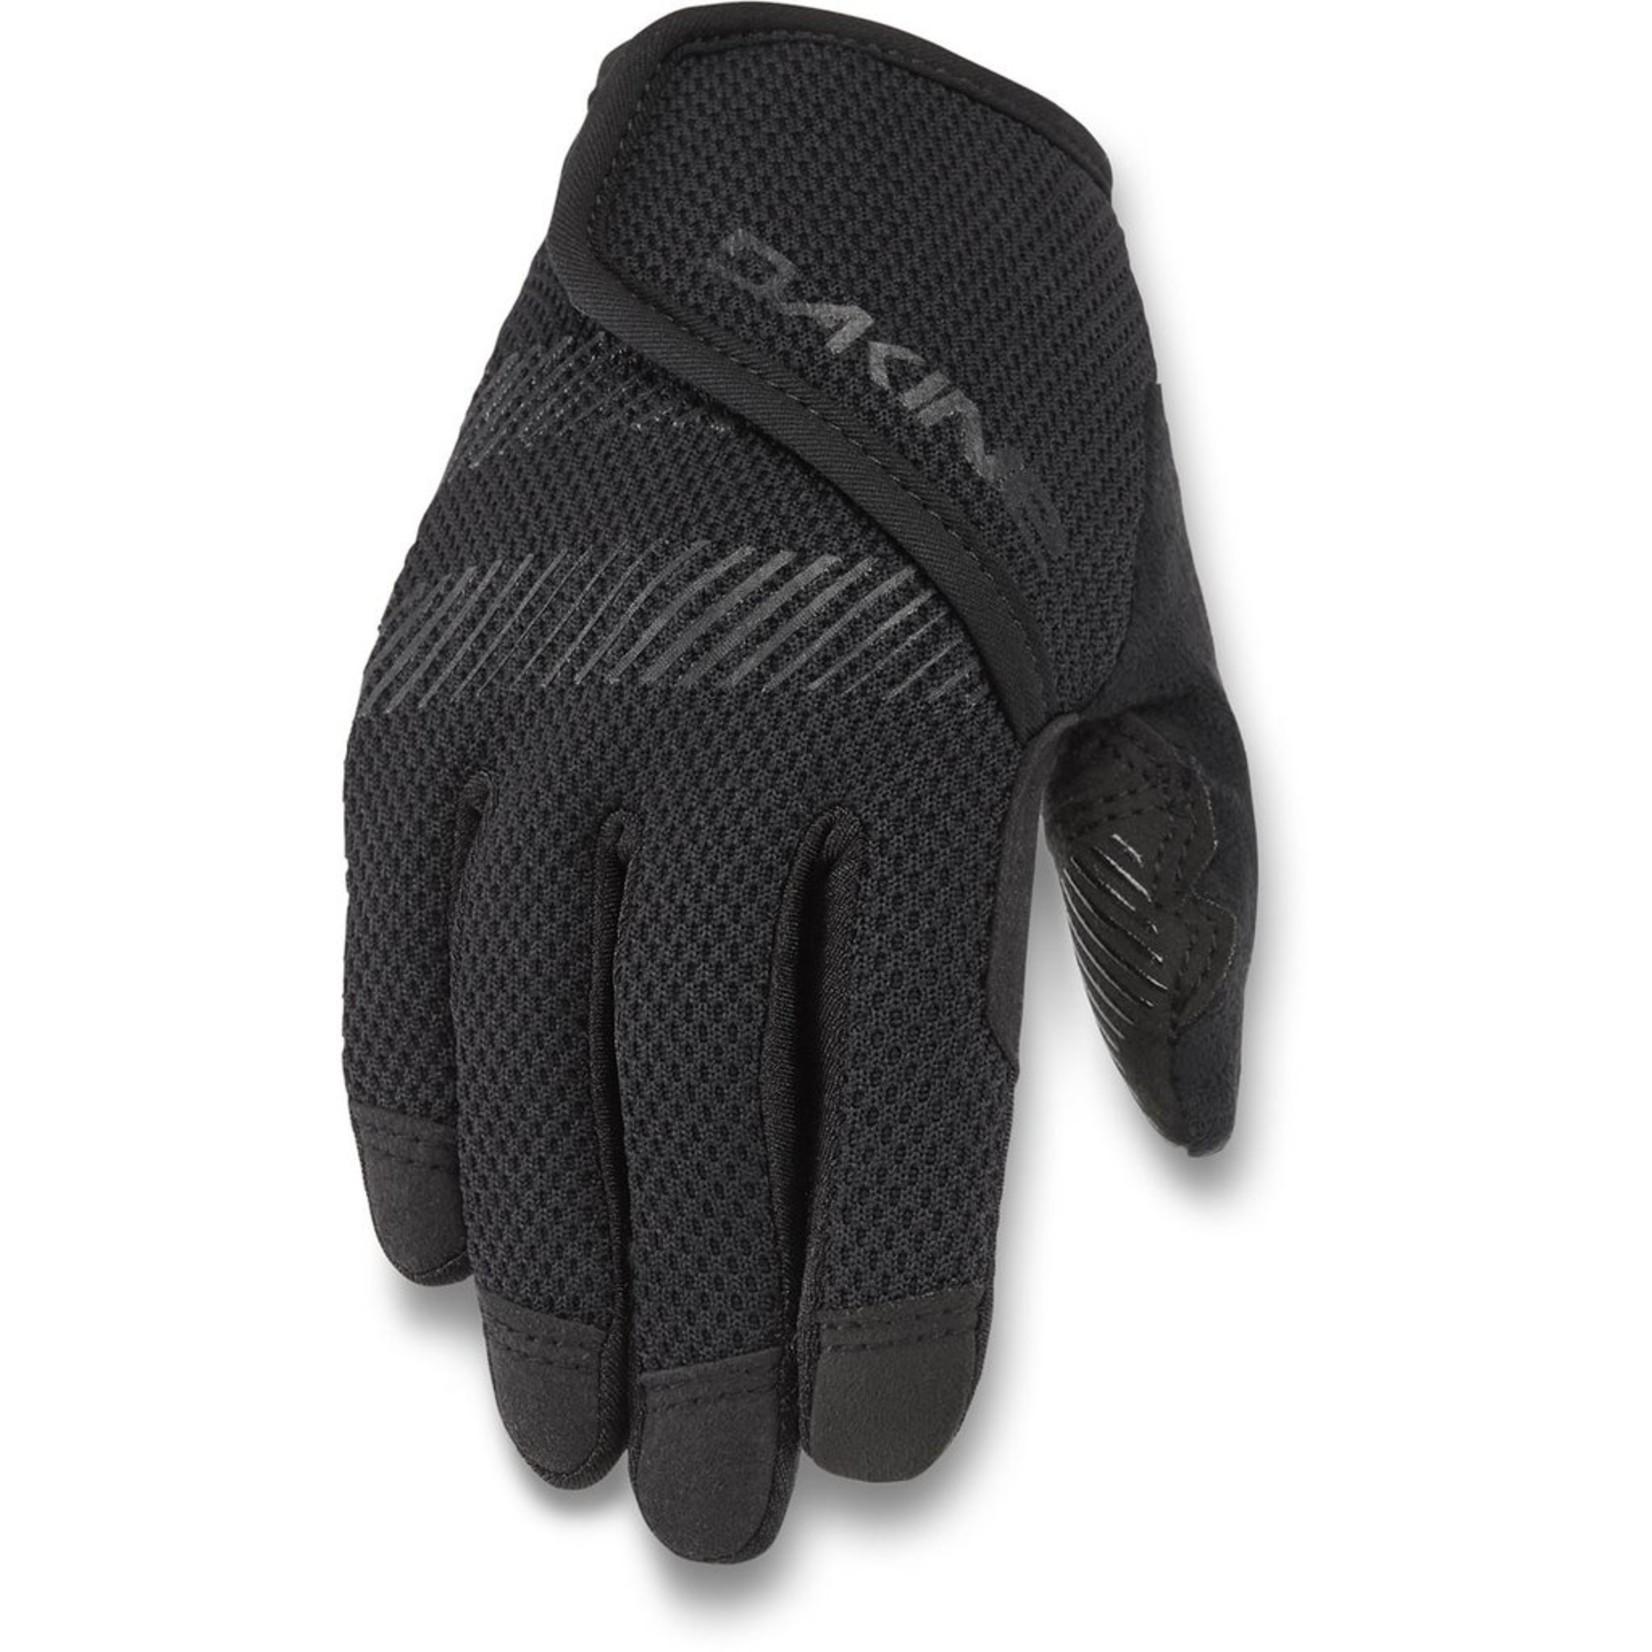 Dakine Glove Prodigy kids